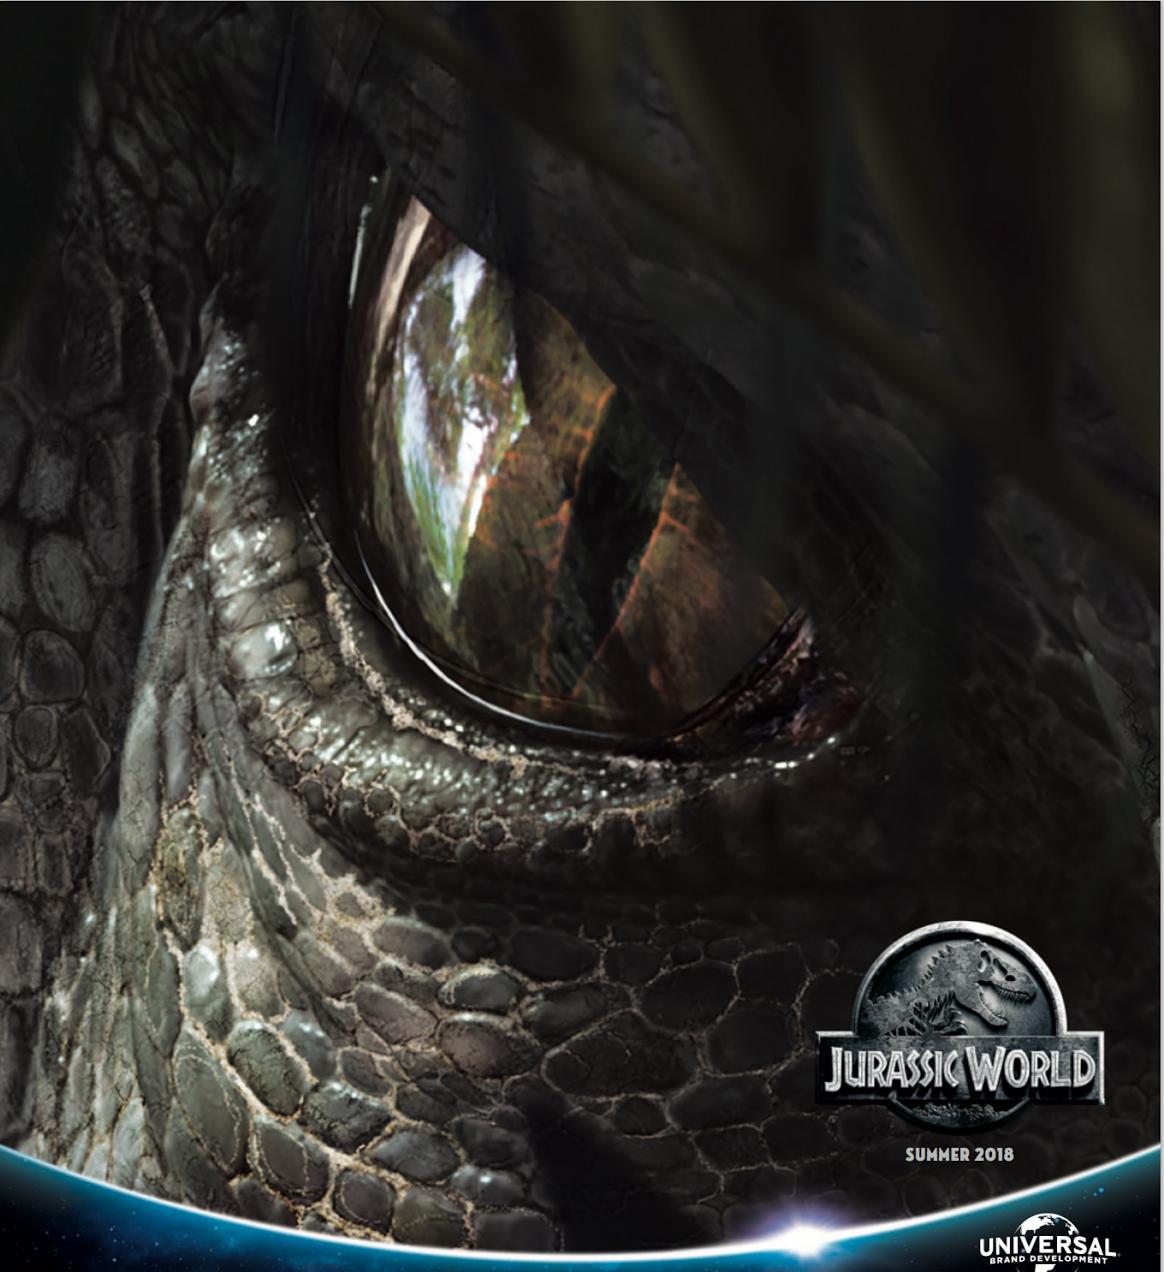 Jurassic World Fallen Kingdom Behind The Scene Featurette